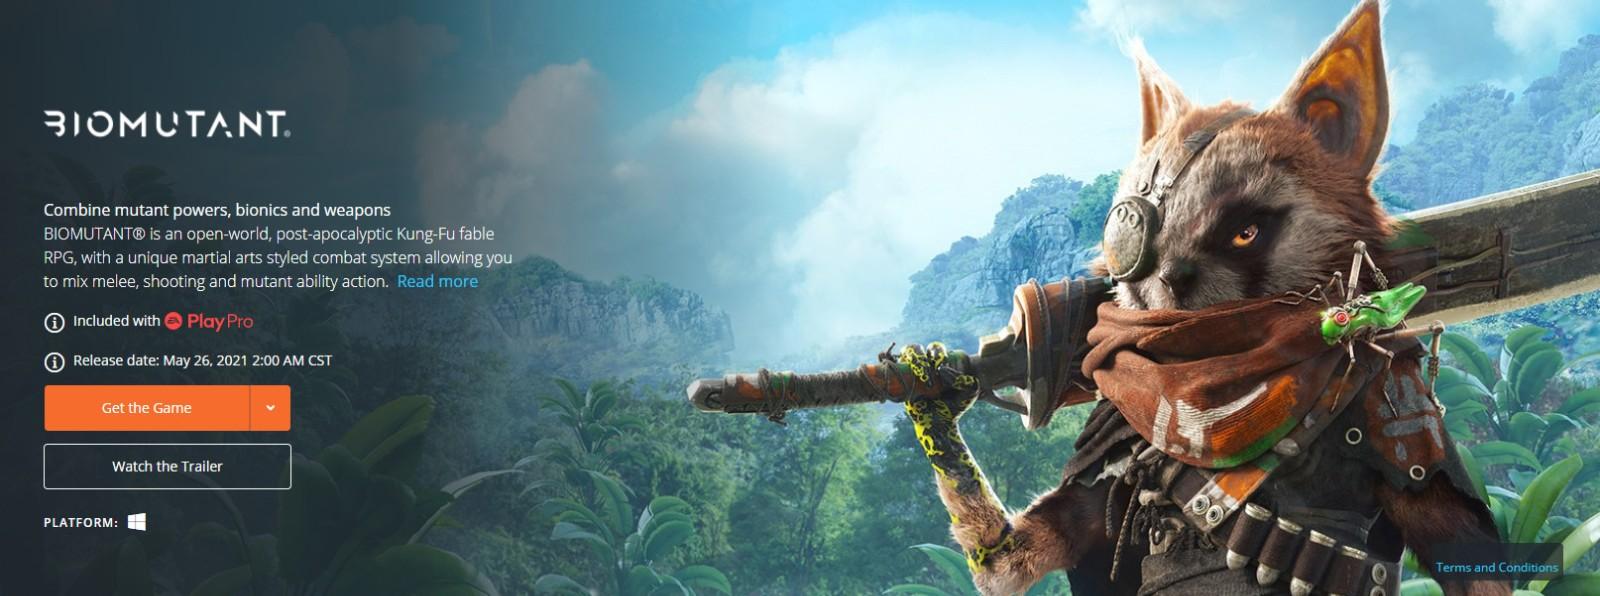 《生化变种》首发时还将登陆EA Play Pro